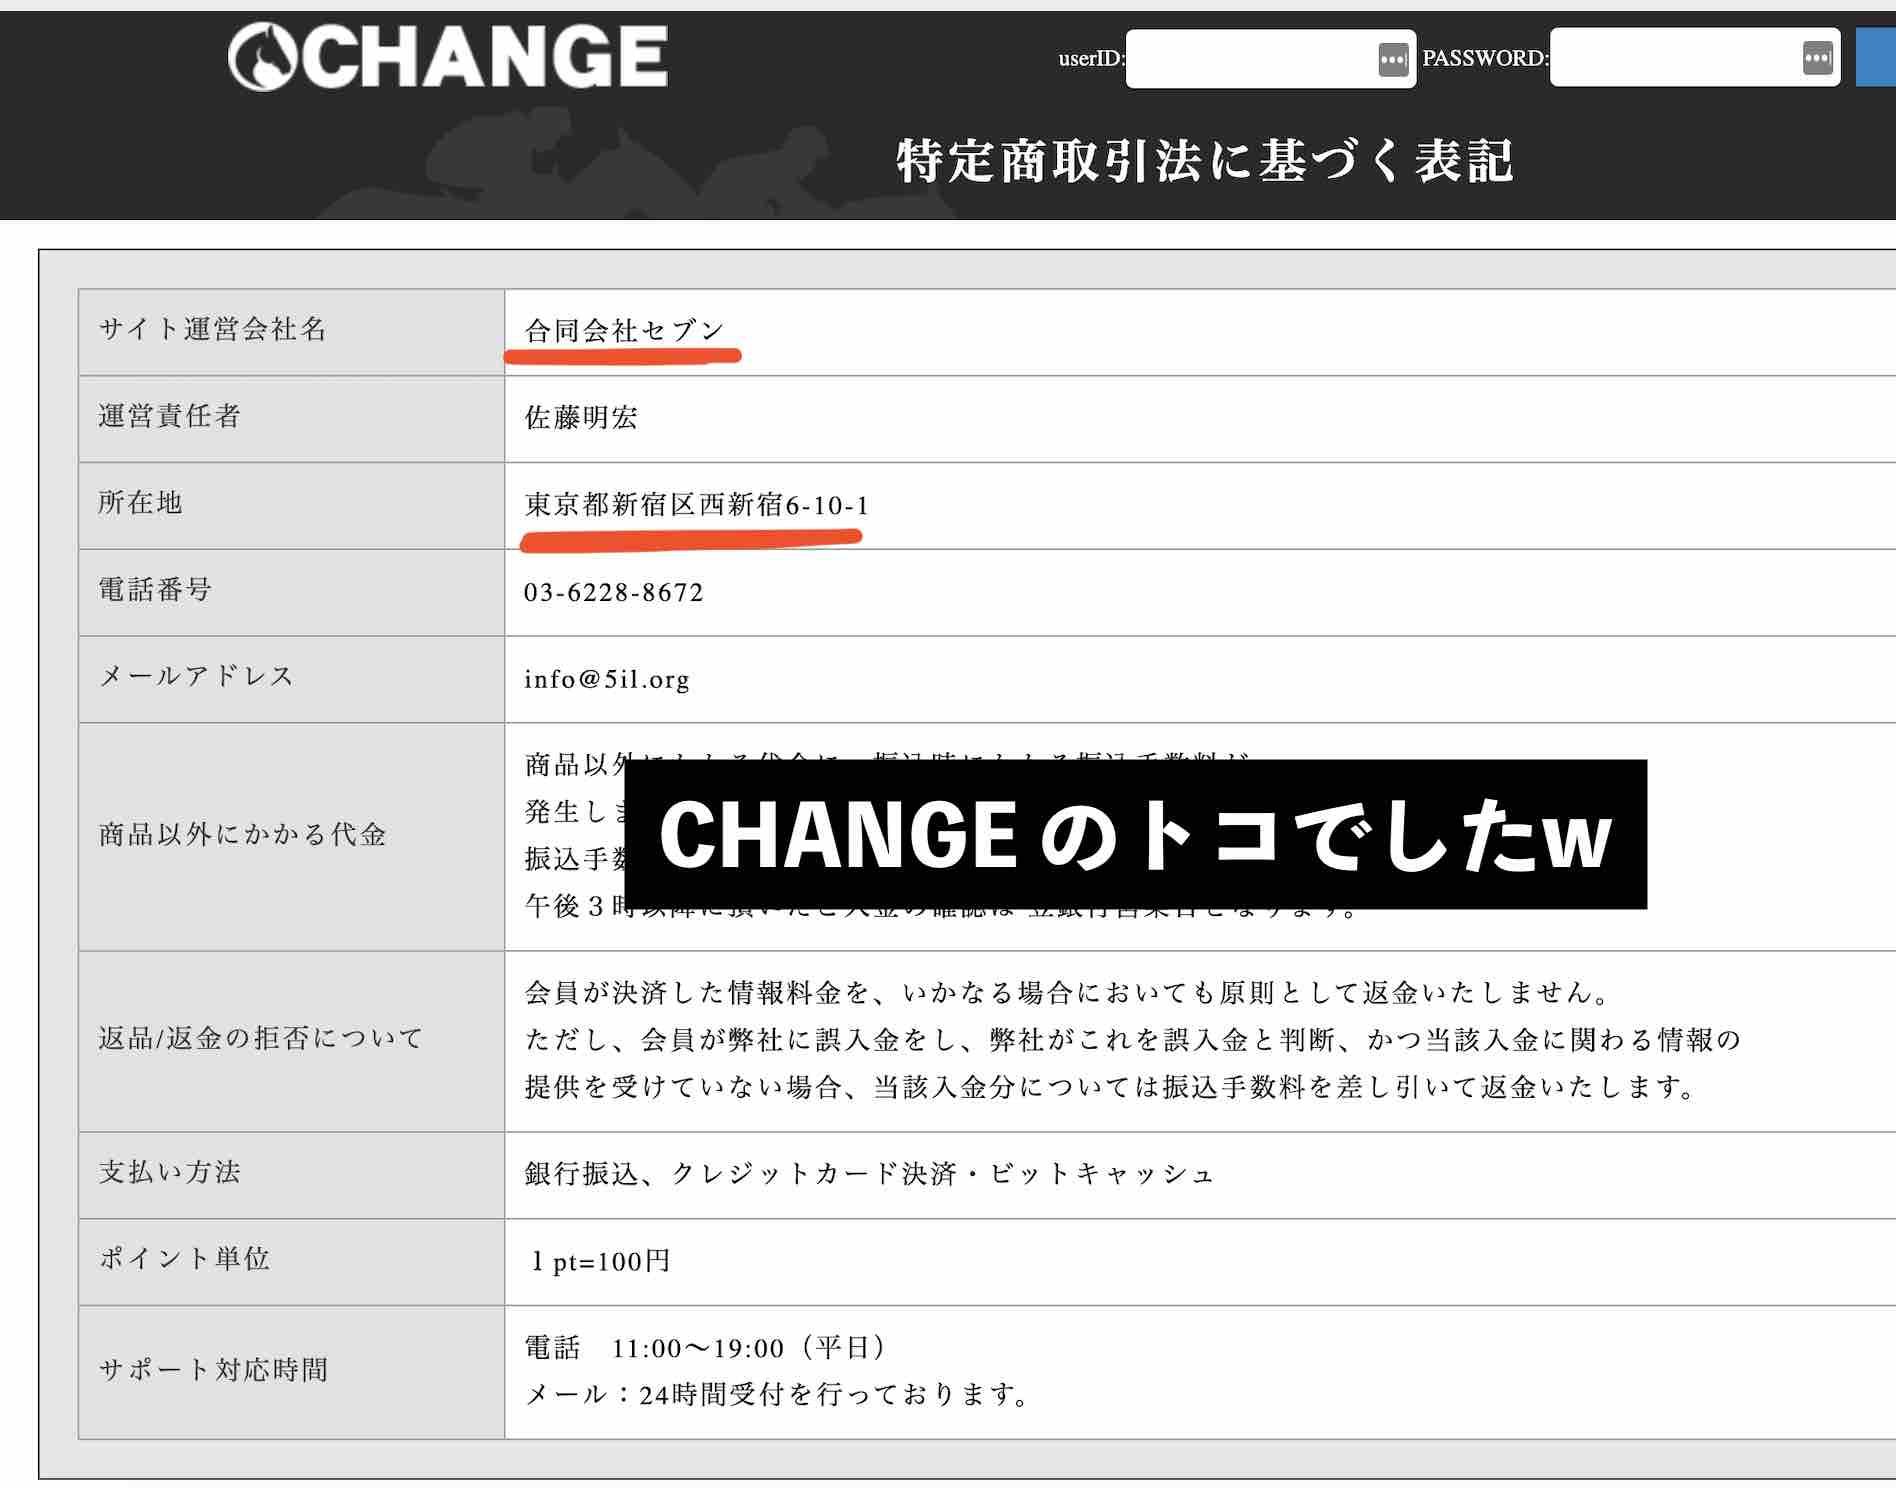 令和競馬(令和ケイバ)という競馬予想サイトはCHANGEと同じ運営